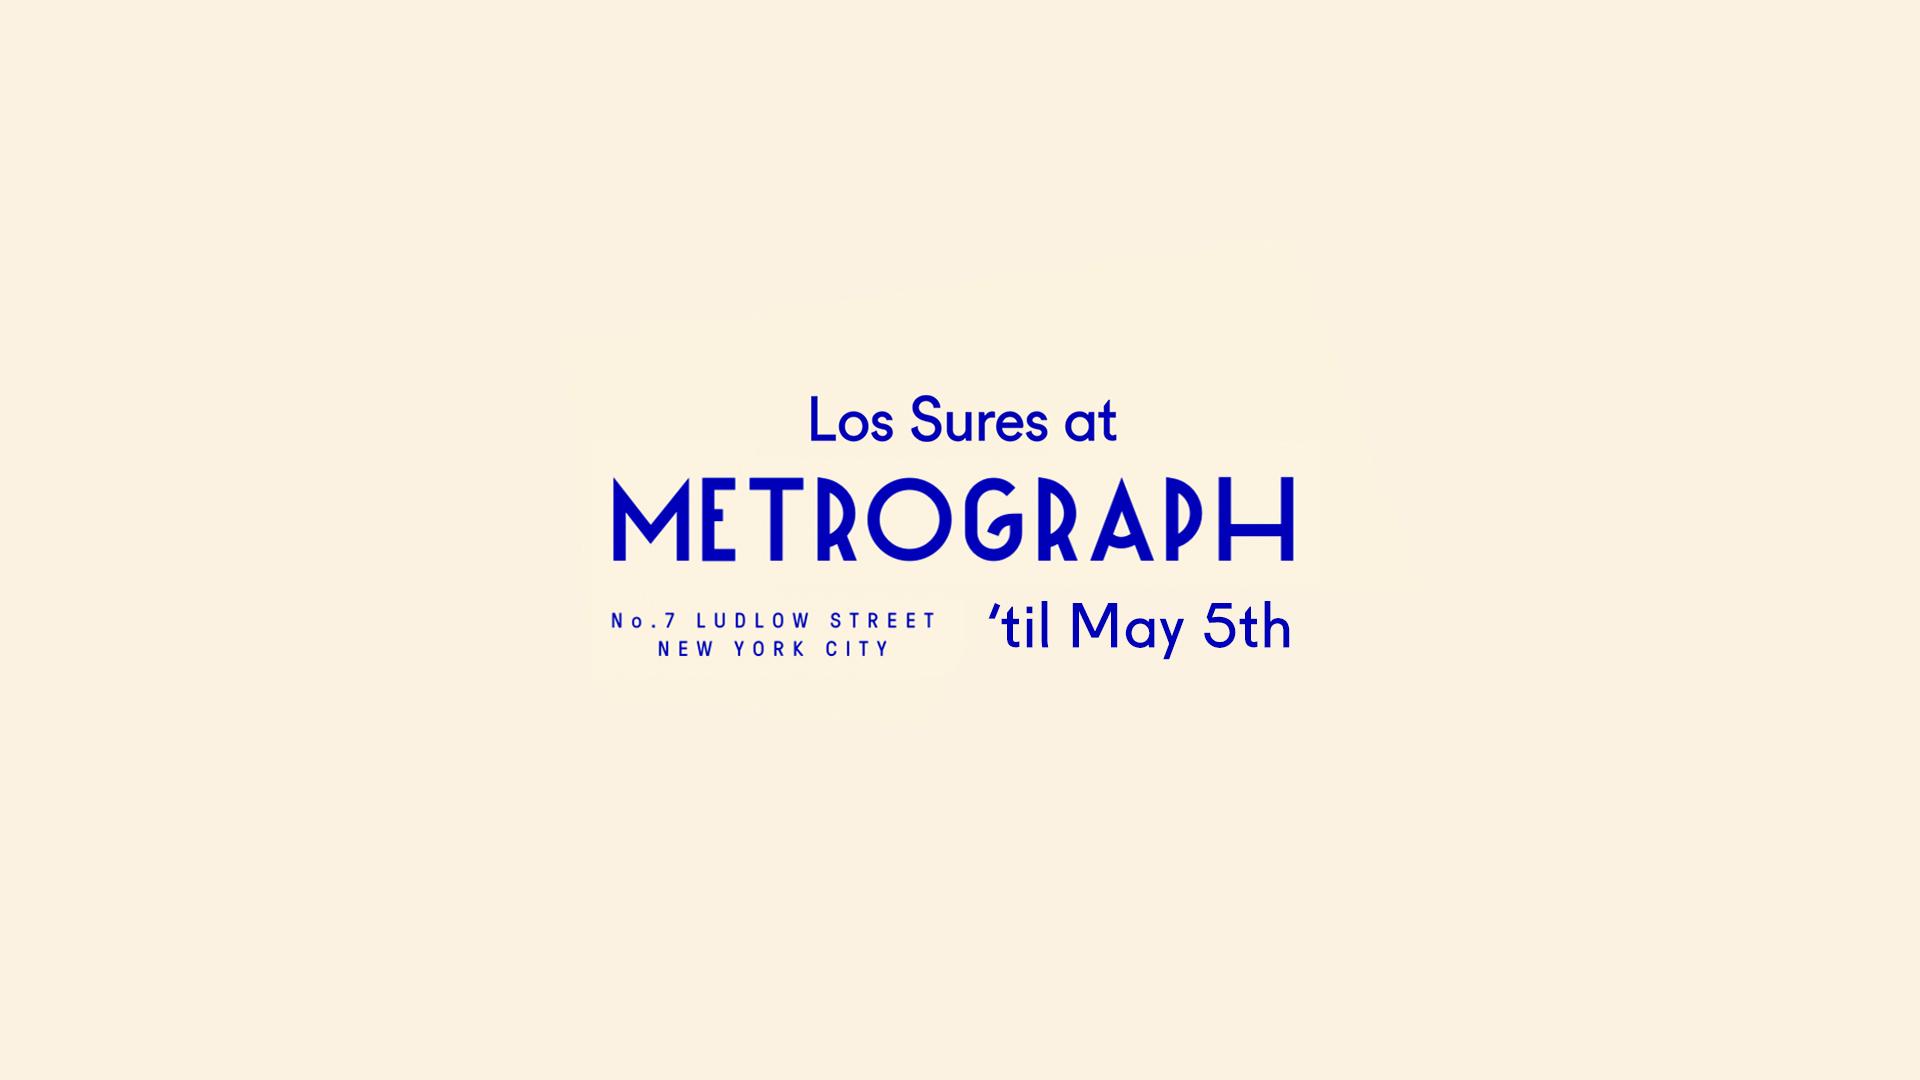 Los Sures at Metrograph til May 5th